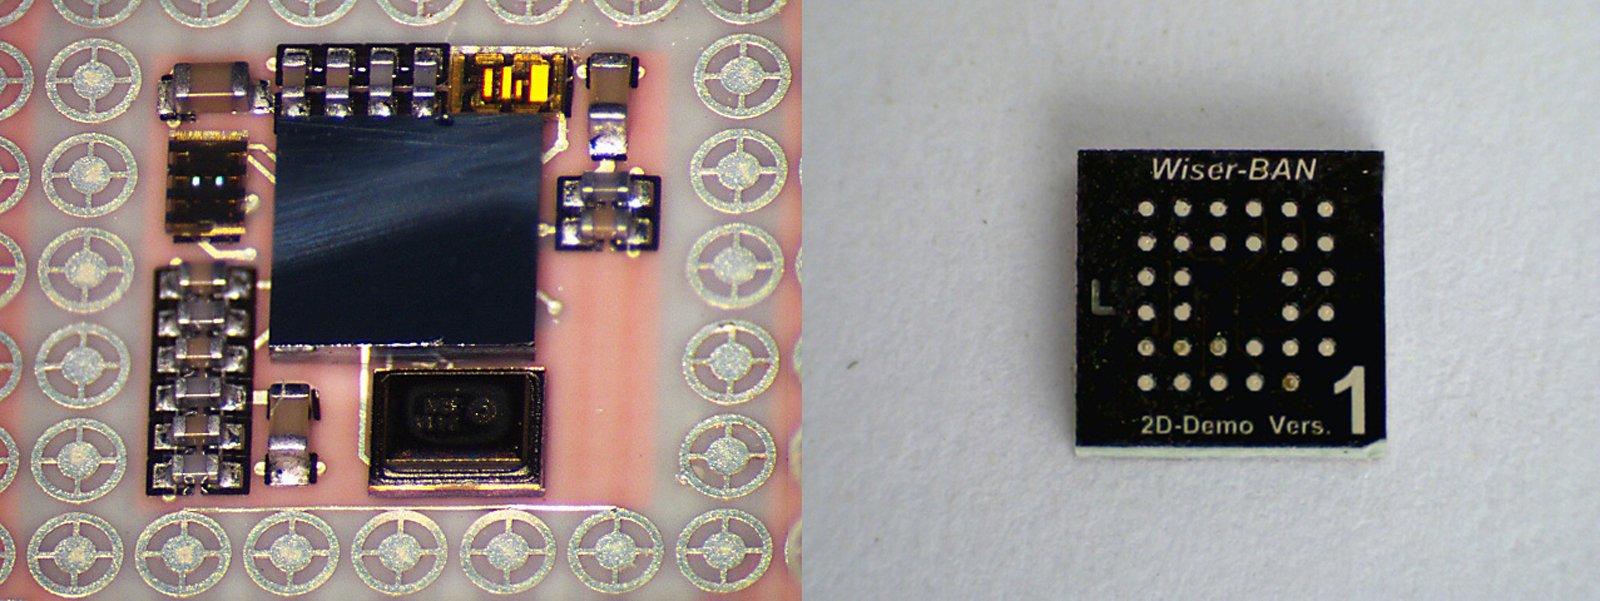 Insgesamt 19 Bauteile (li.) packen die Fraunhofer-Forscher in ihr Mikrosystem (re.). Miniatur-Antennen, integrierte Schaltkreise und Hochfrequenzfilter finden auf 4x4x1 Kubikmillimetern Platz.